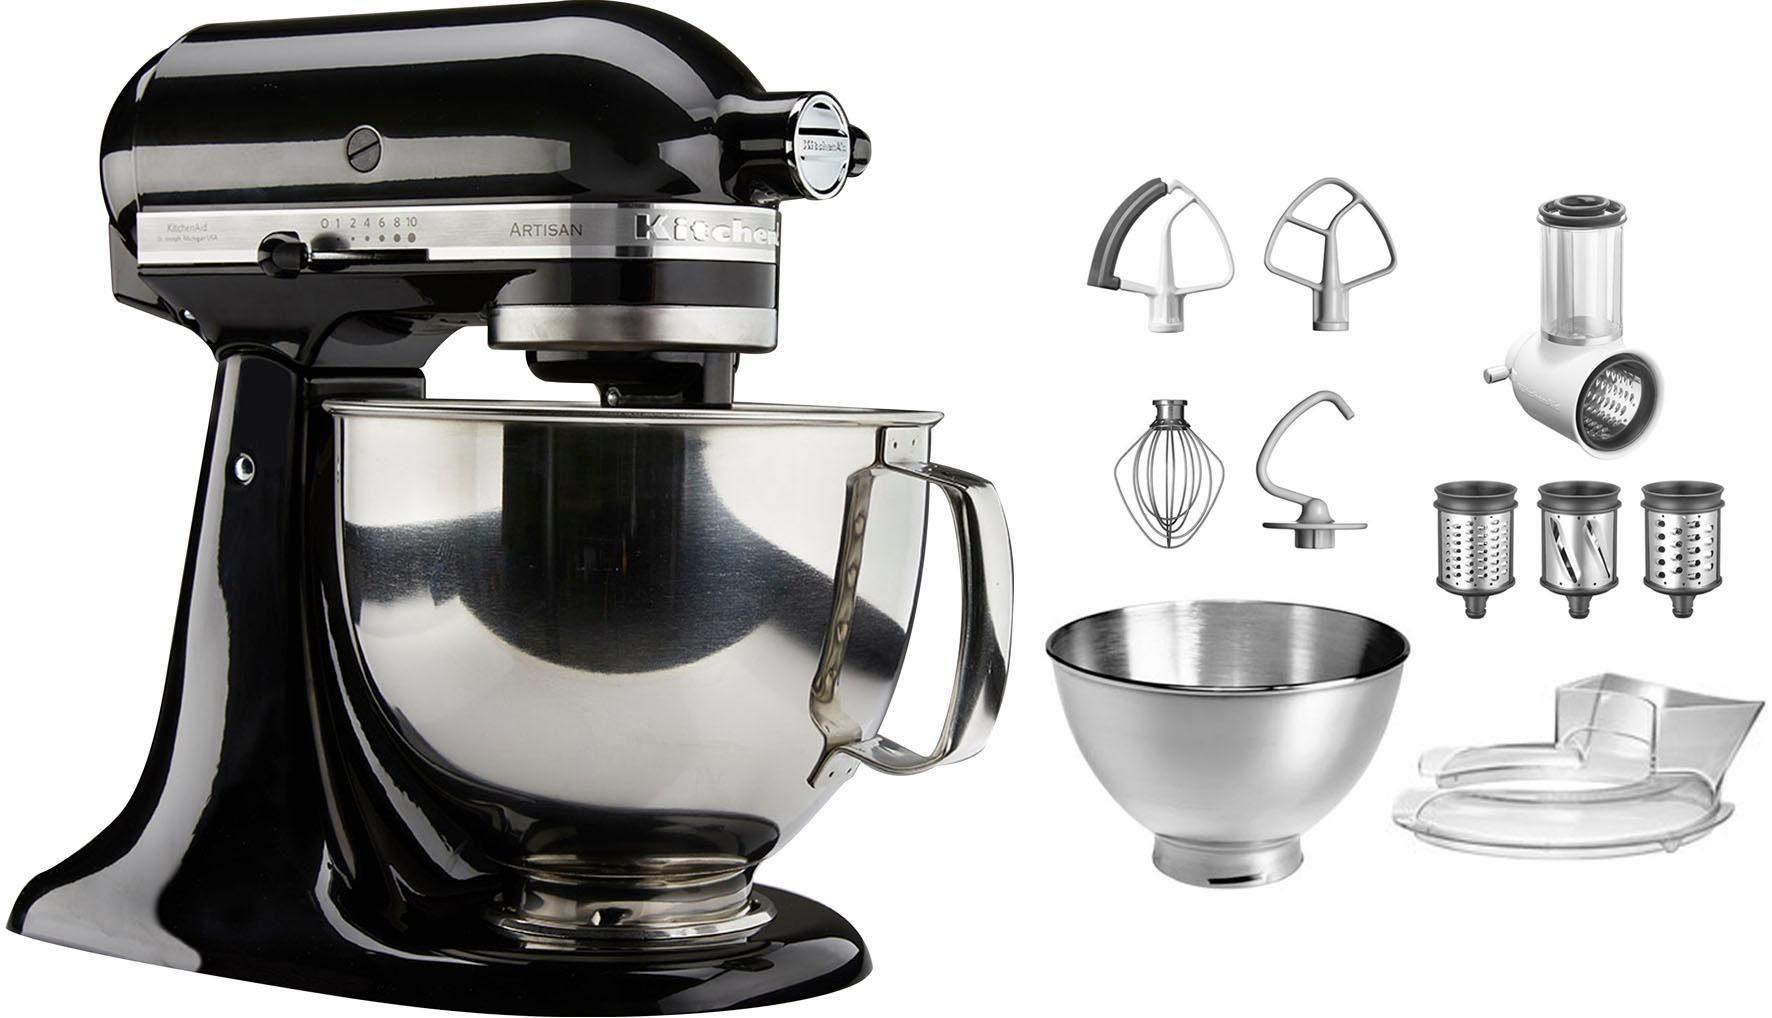 KitchenAid Küchenmaschine Artisan 5KSM175PSEOB mit Gratis Gemüseschneider und 3 Trommeln, 300 W, 4,8 l Schüssel